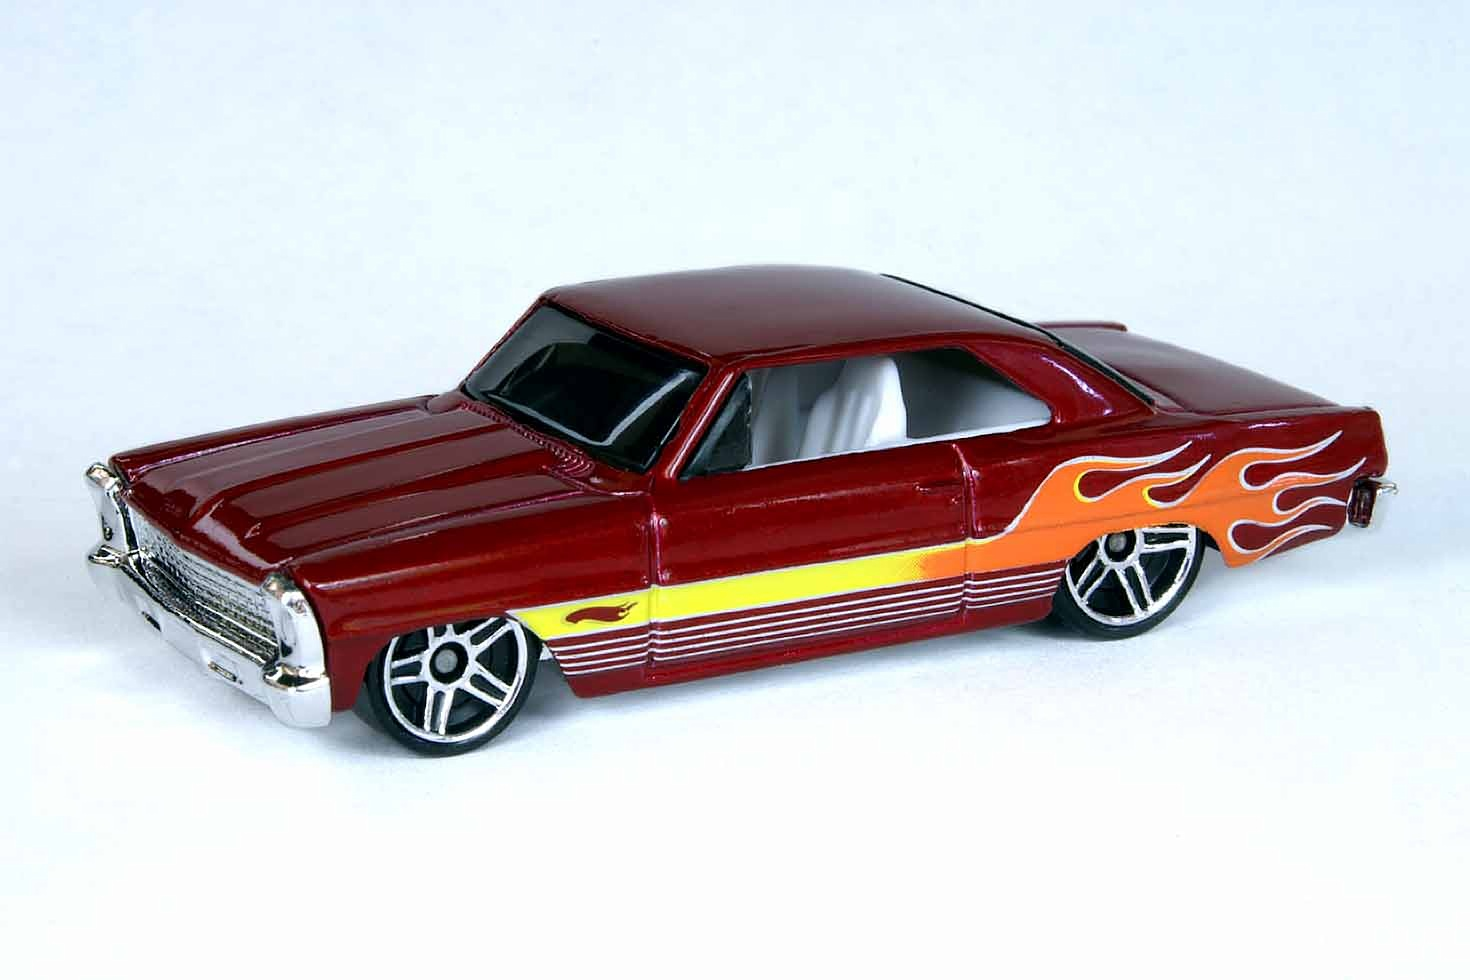 66 Chevy Nova Hot Wheels Wiki Fandom Powered By Wikia